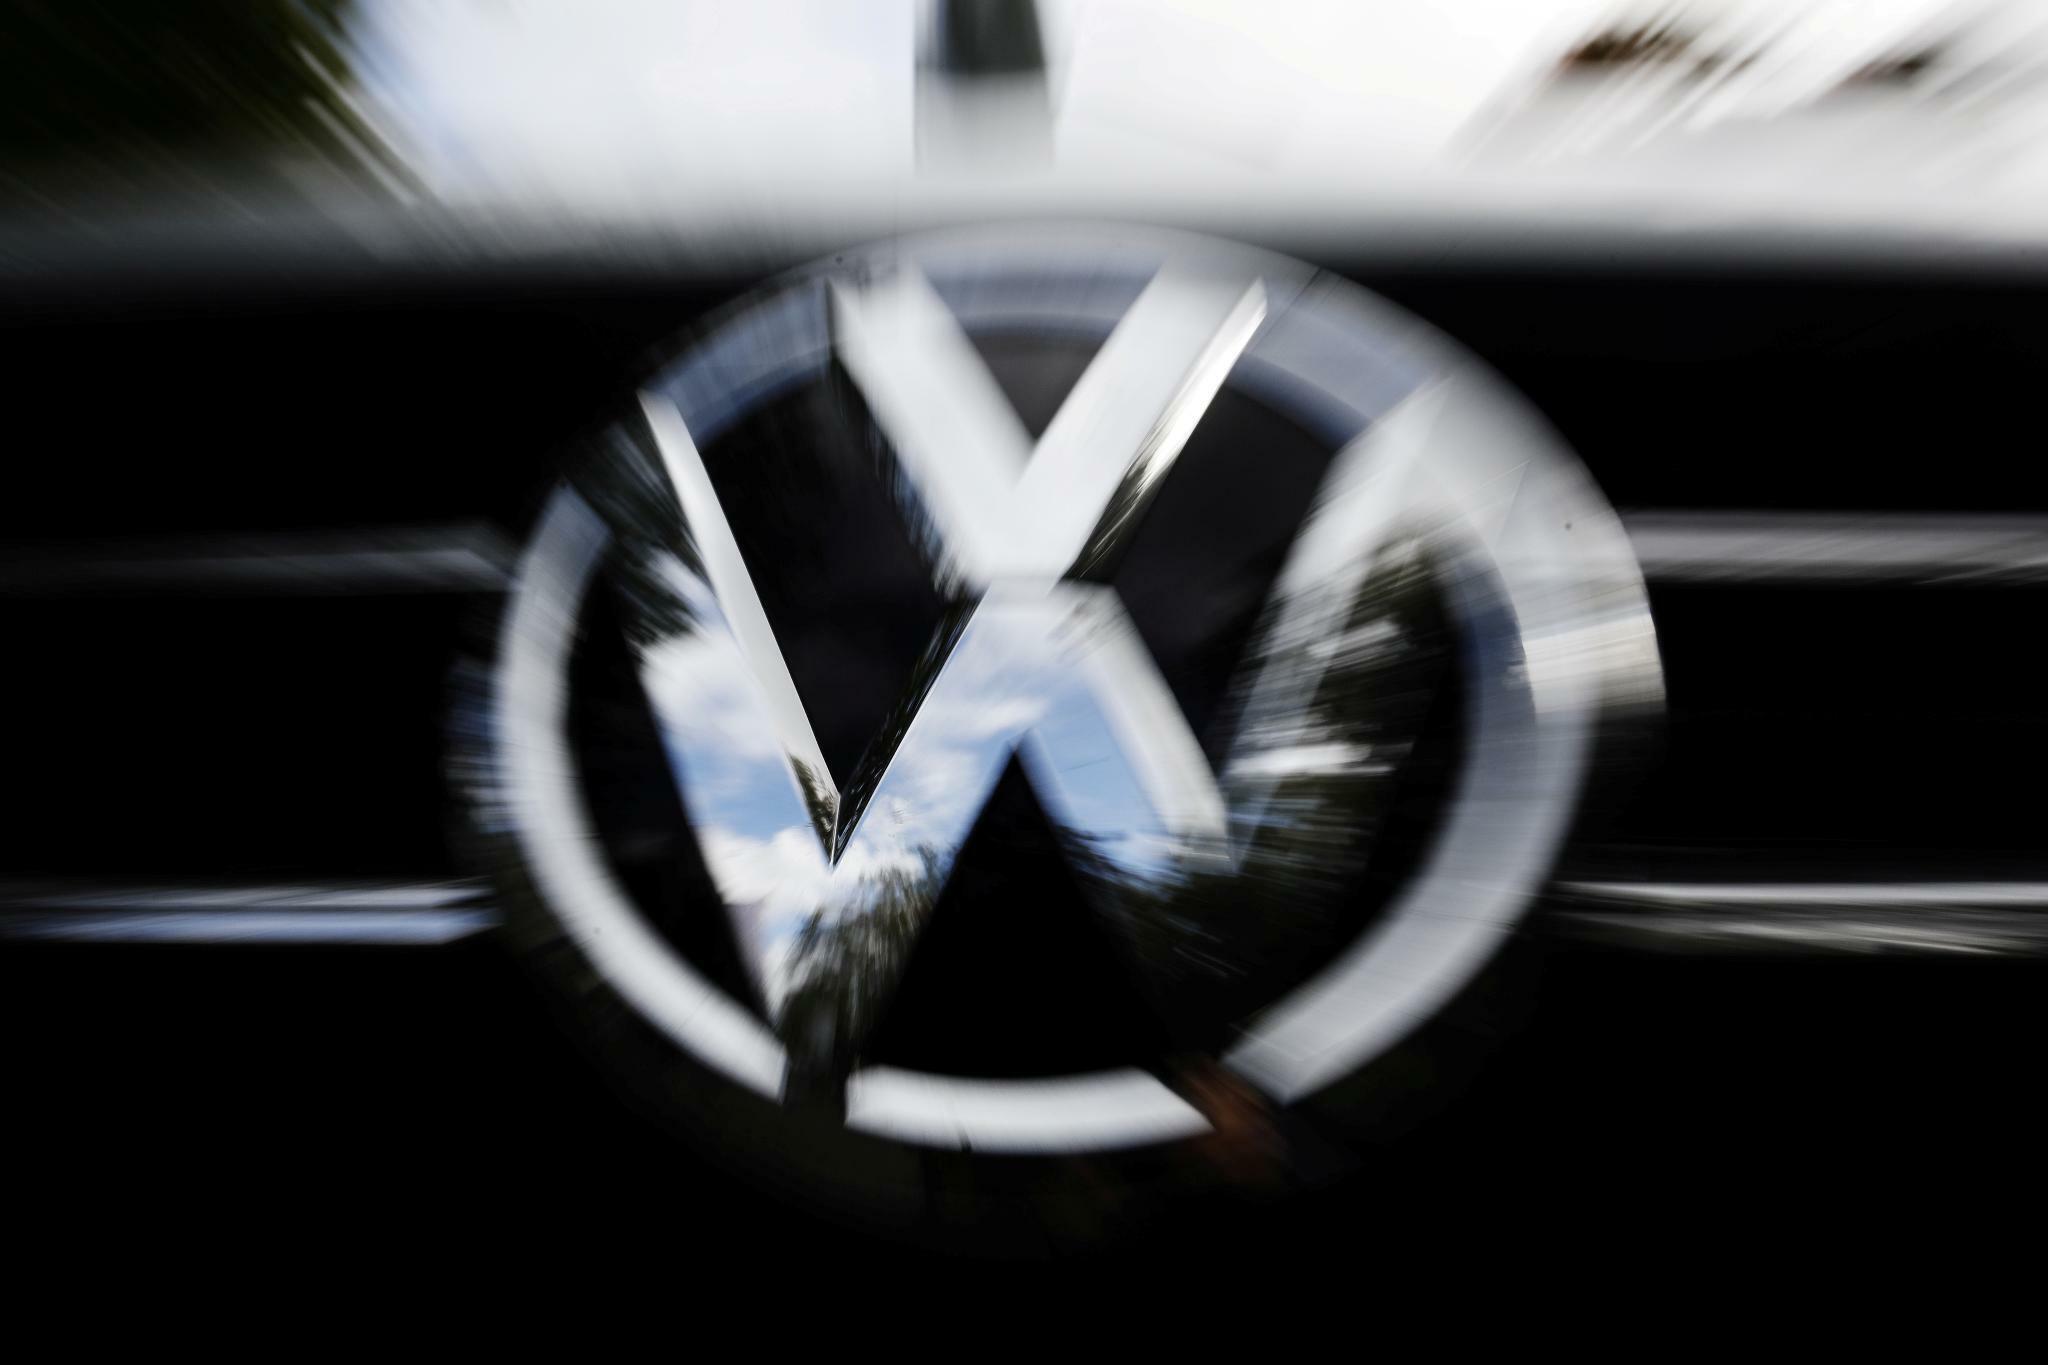 Autobauer: VW liefert im September deutlich mehr Fahrzeuge aus – Grund dafür ist WLTP